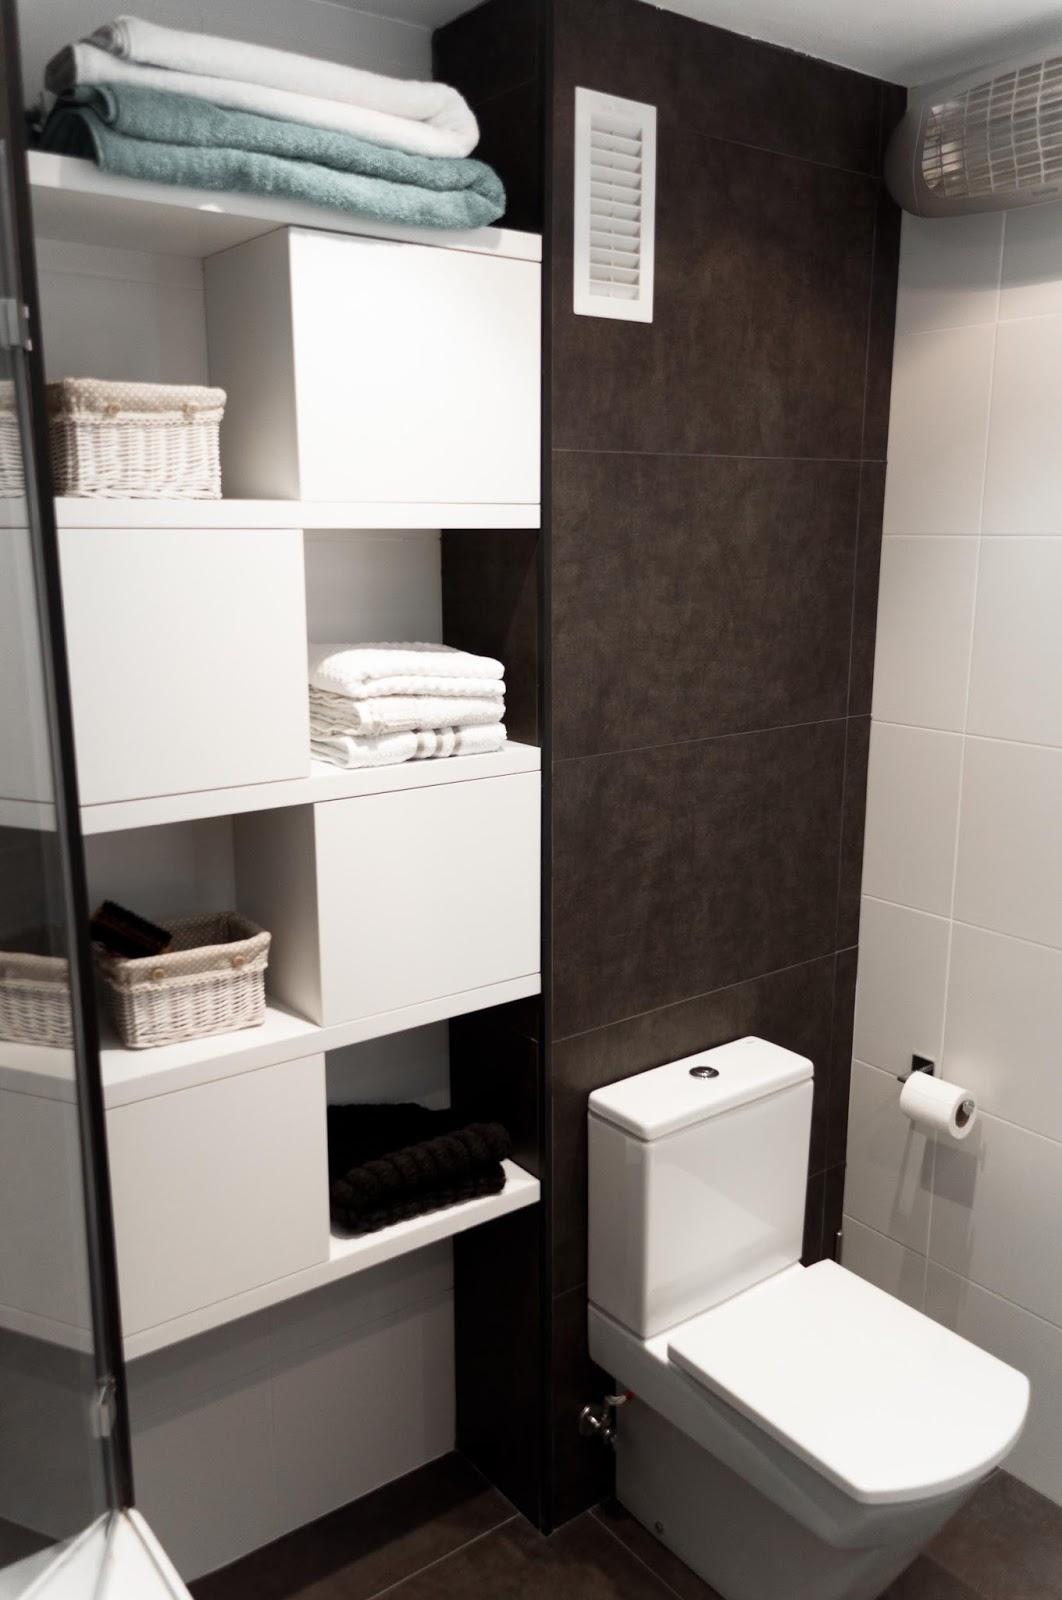 Iluminacion Baño Vintage:Otras intervenciones que se han hecho en elapartamento son el lavadero